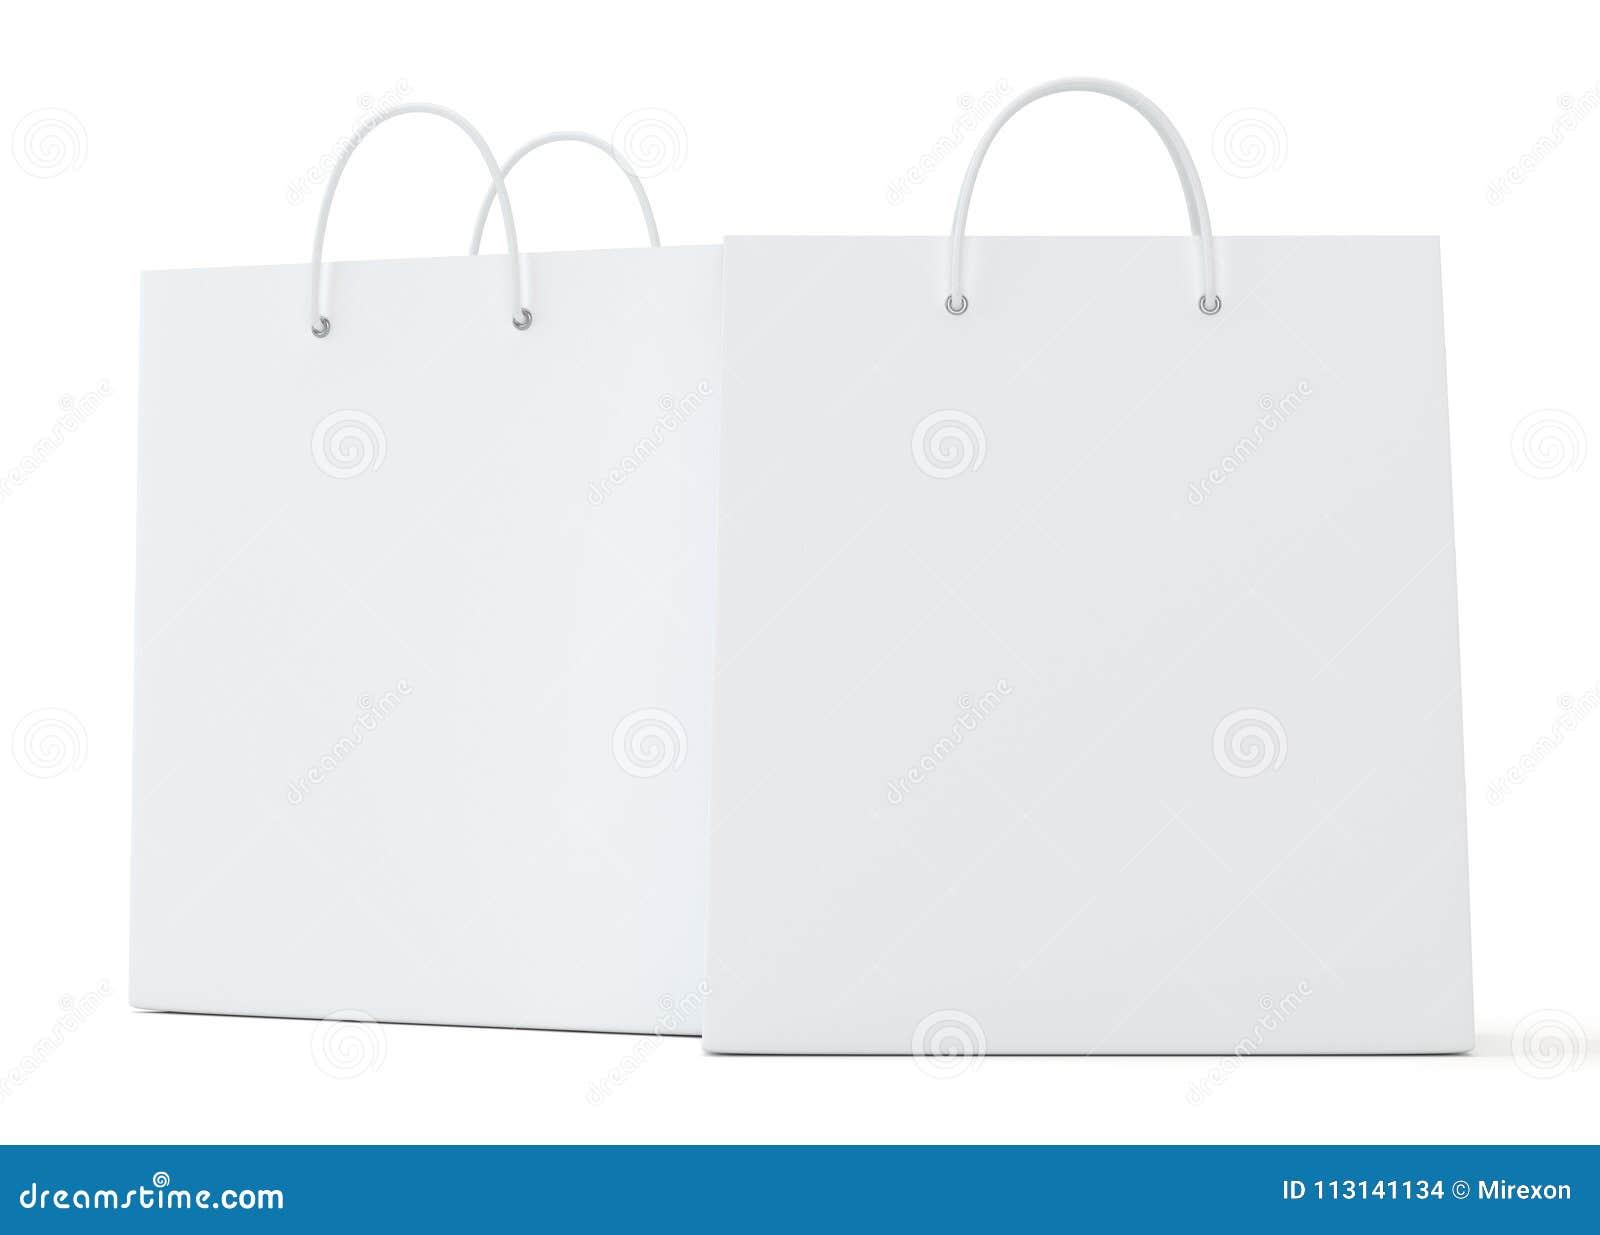 Saco de compras vazio na rendição branca do fundo para anunciar e marcar ilustração 3D